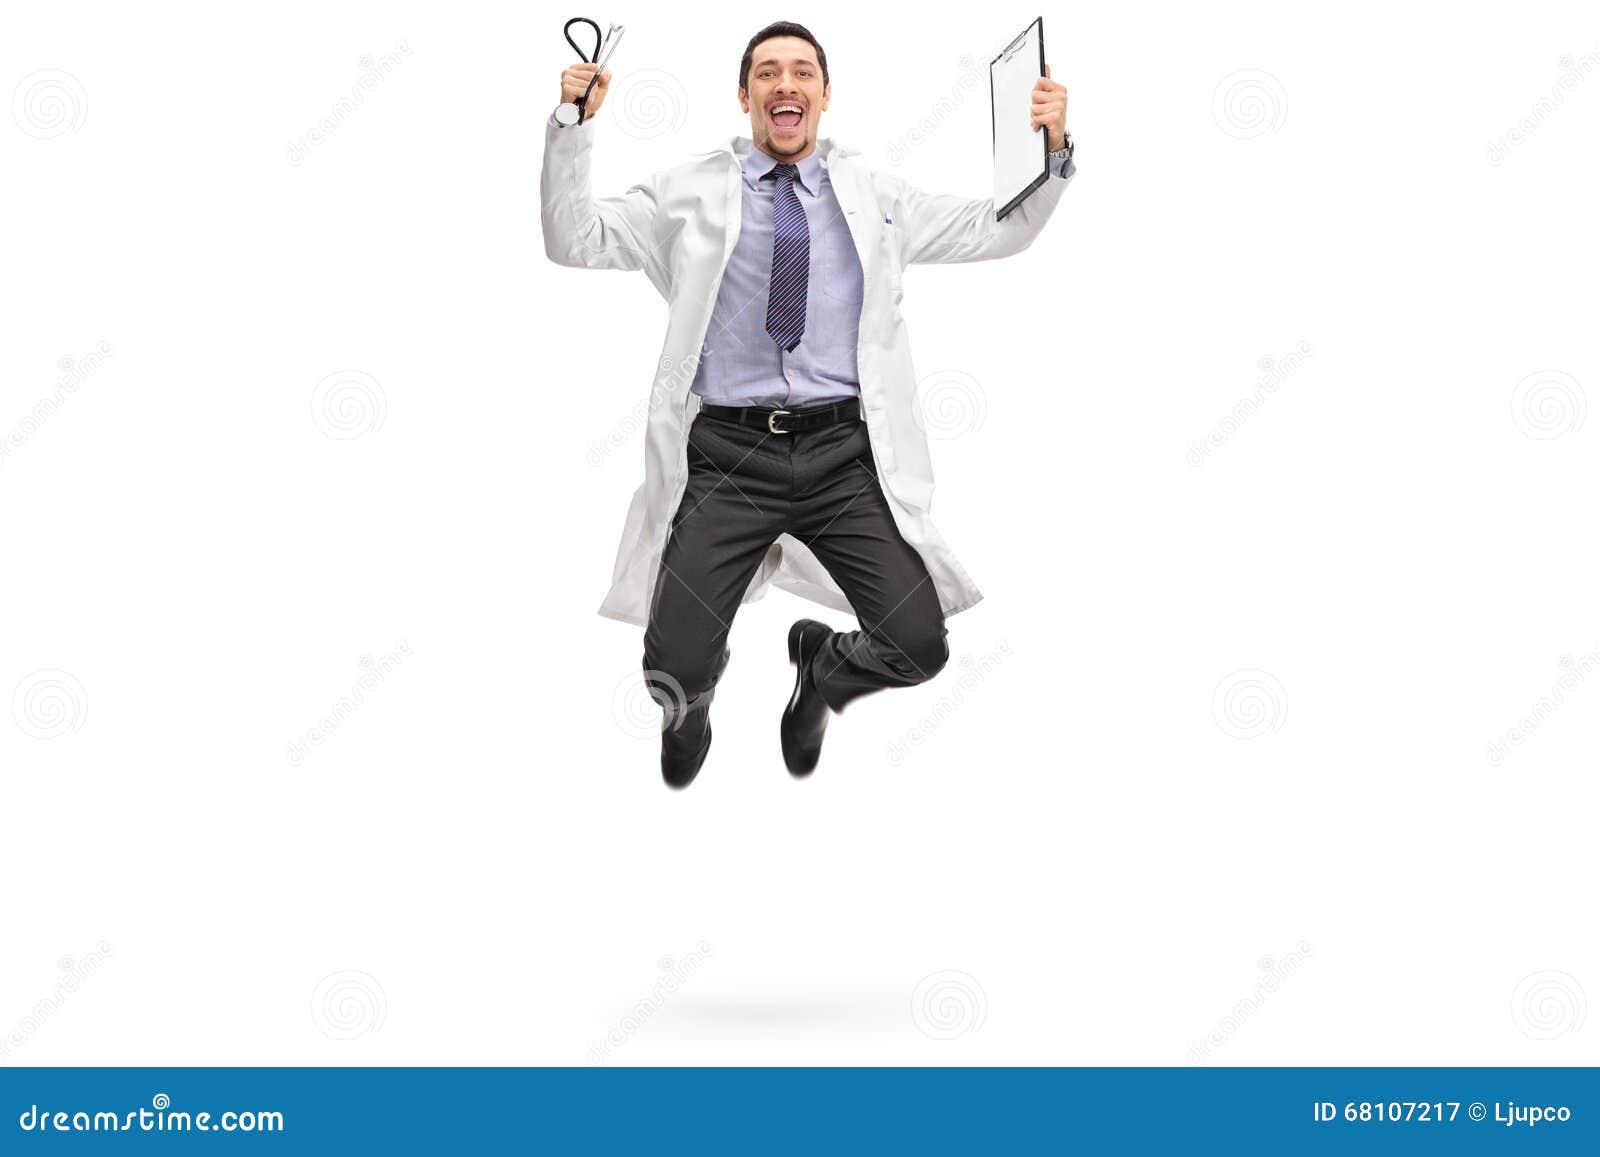 跳出喜悦的年轻医生